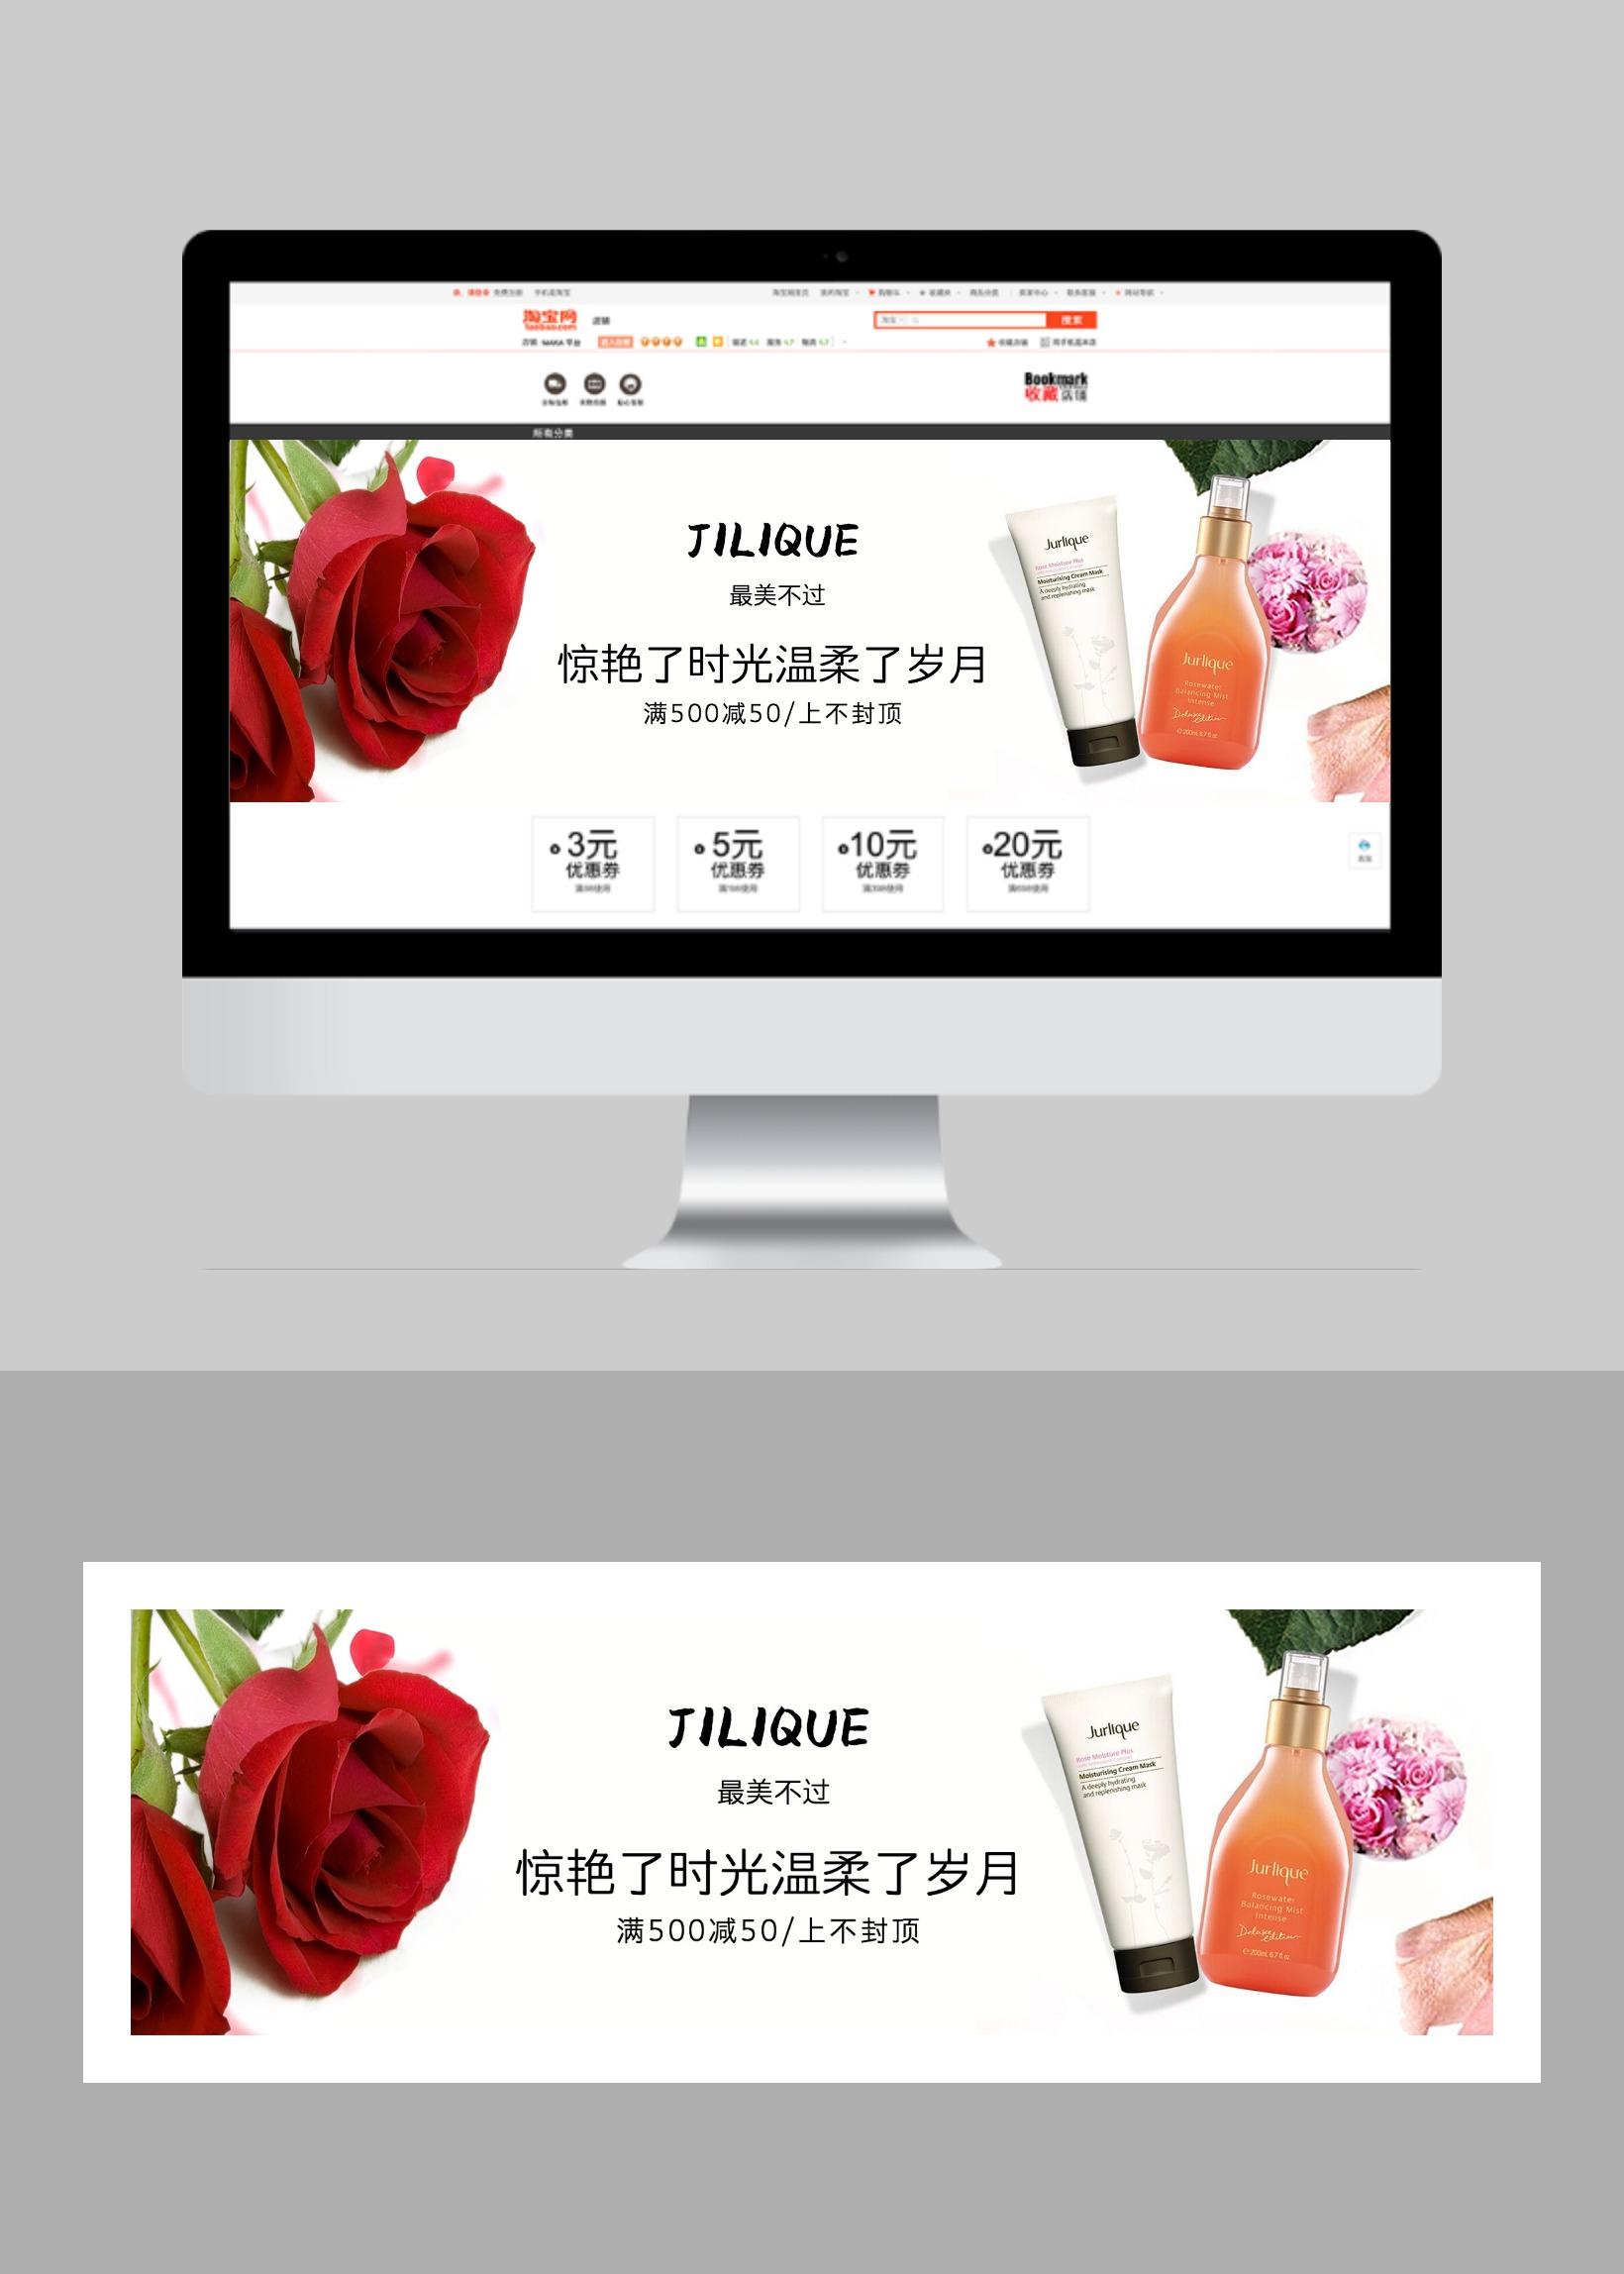 女神节唯美浪漫化妆品综合电商活动促销化妆品店铺banner